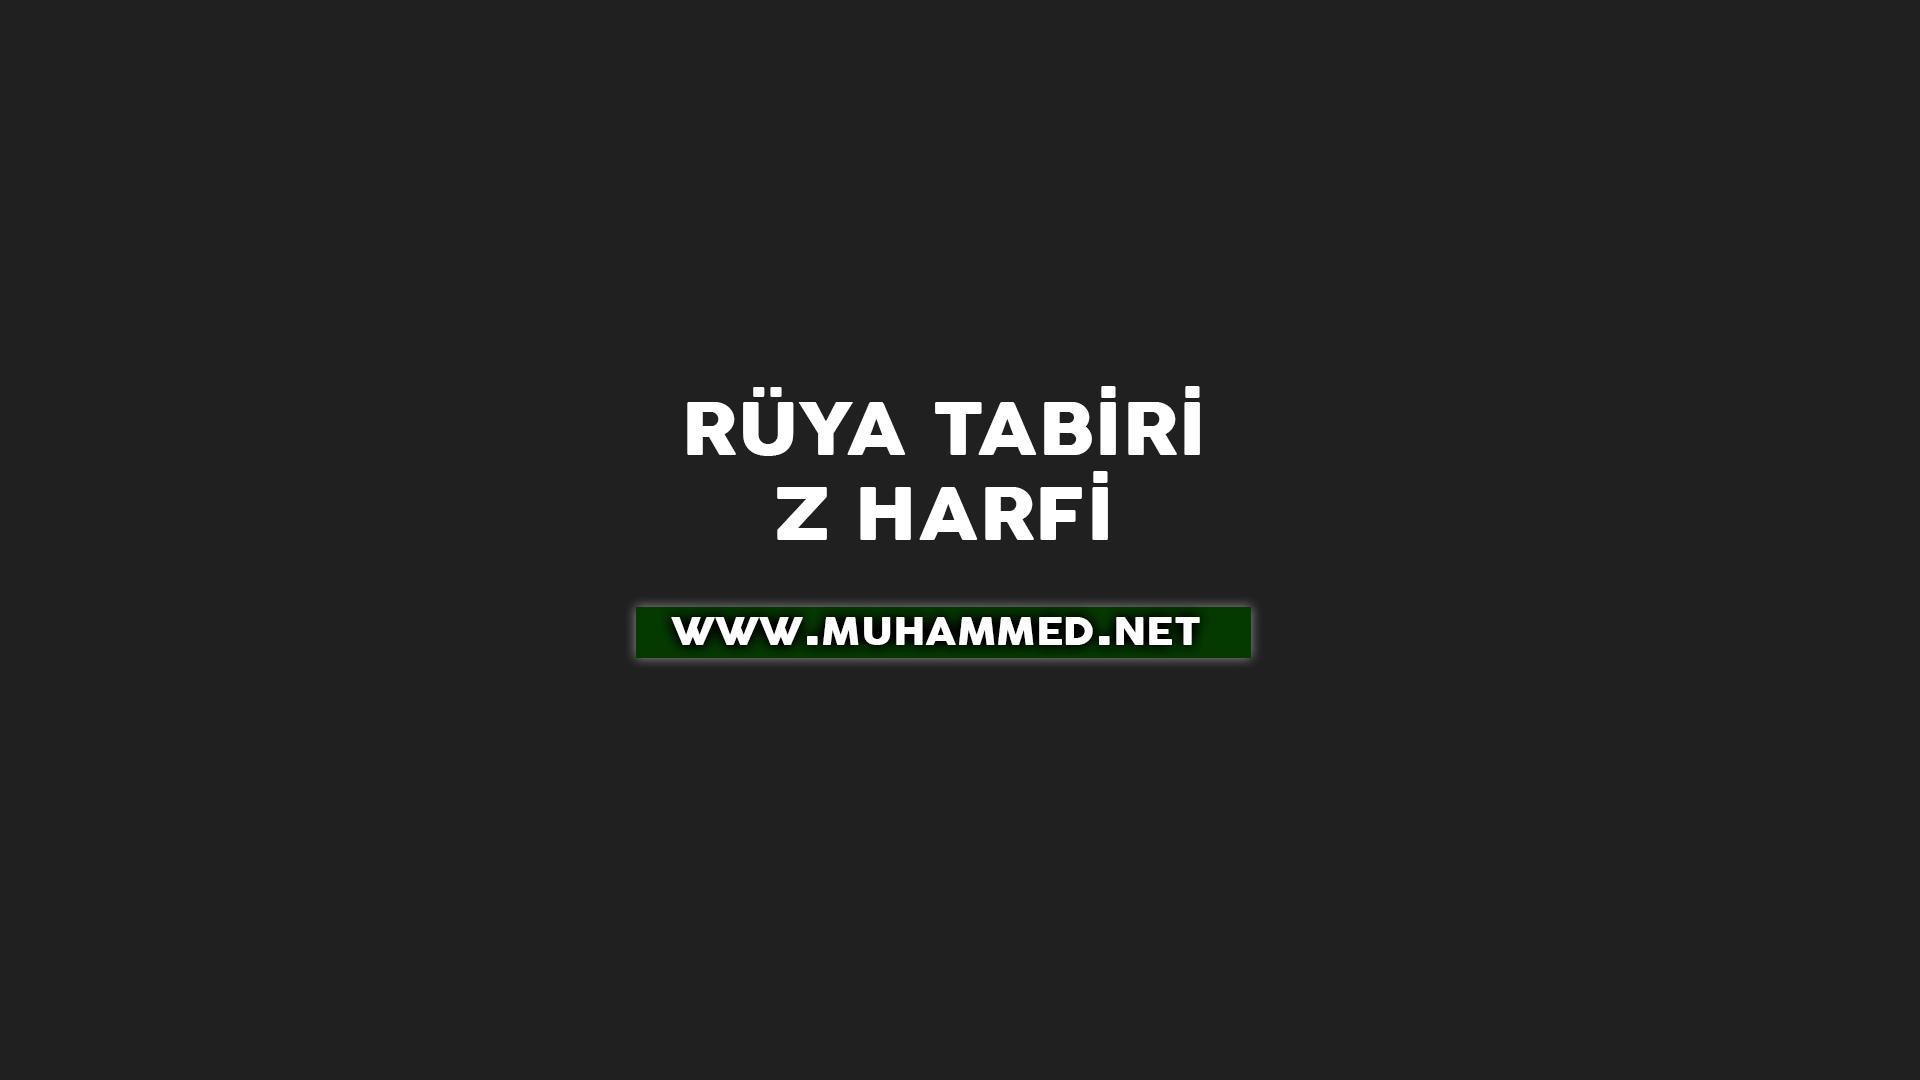 Rüya Tabirleri - Z Harfi